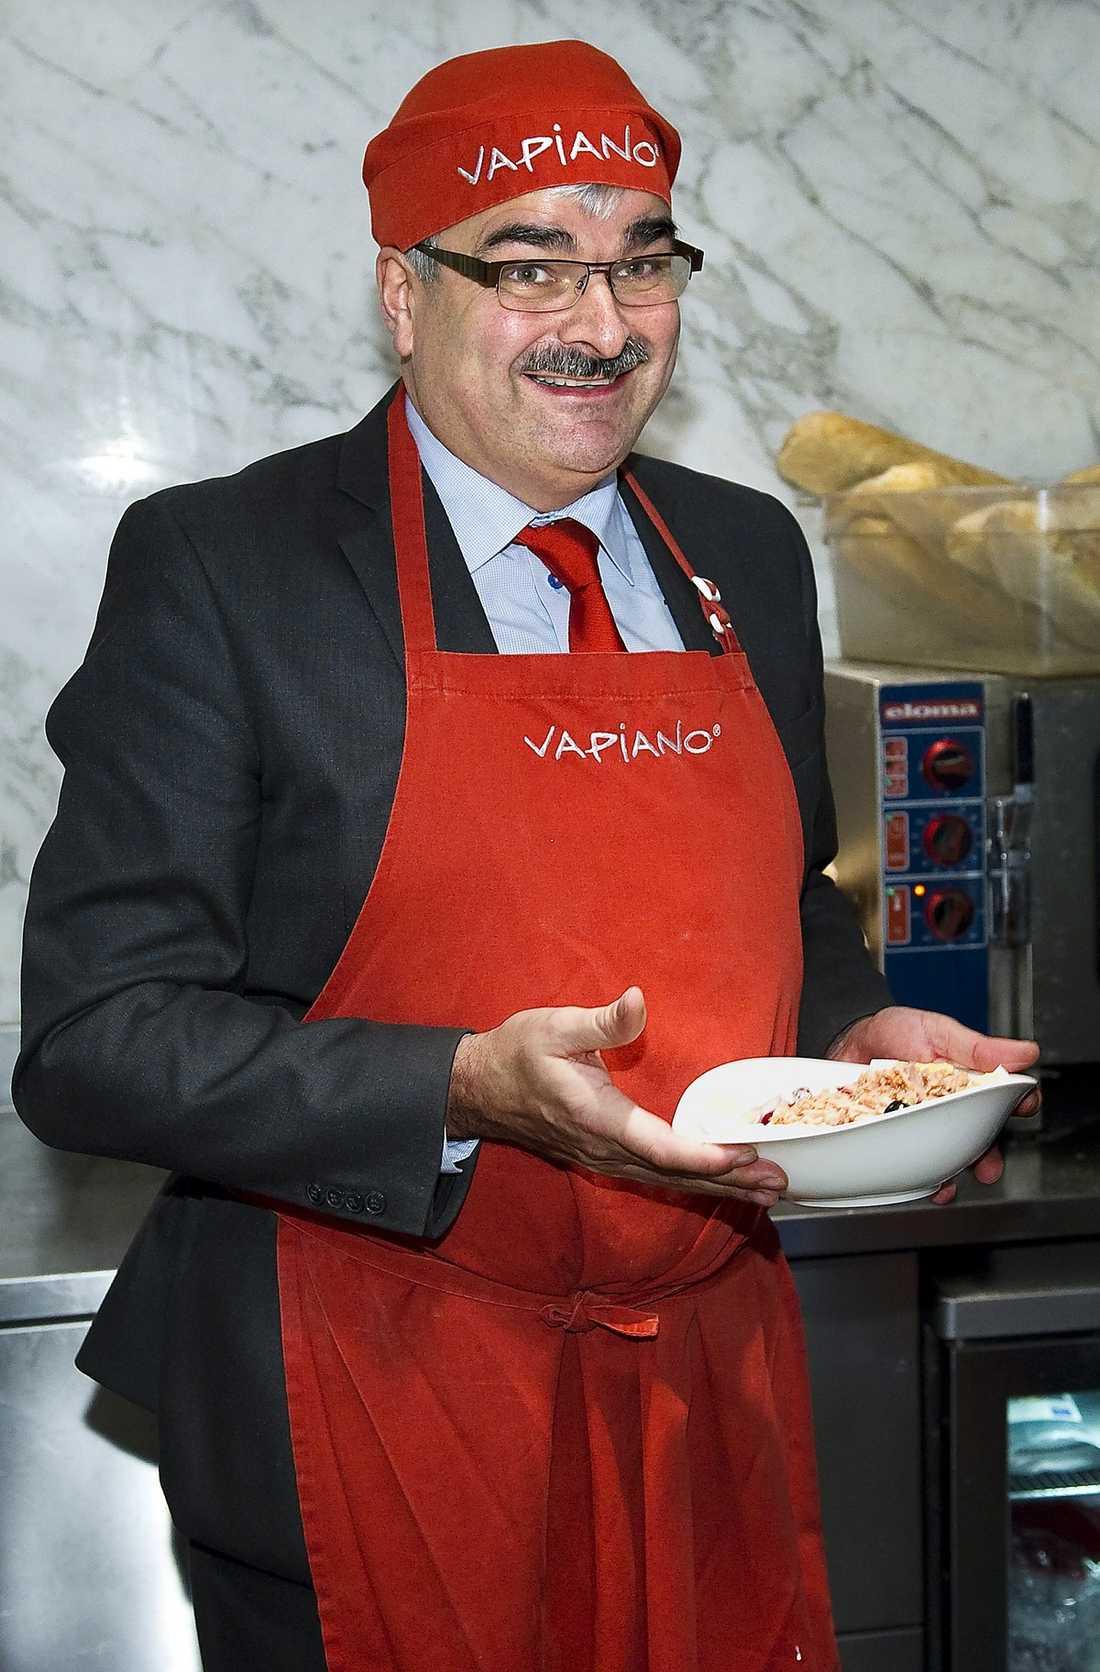 TRÄNAR PÅ TONFISKAN Håkan Juholt fick känna på att jobba i köket på restaurang Vapiano när han tidigare i år blev inbjuden av Hotell- och restaurangfacket.